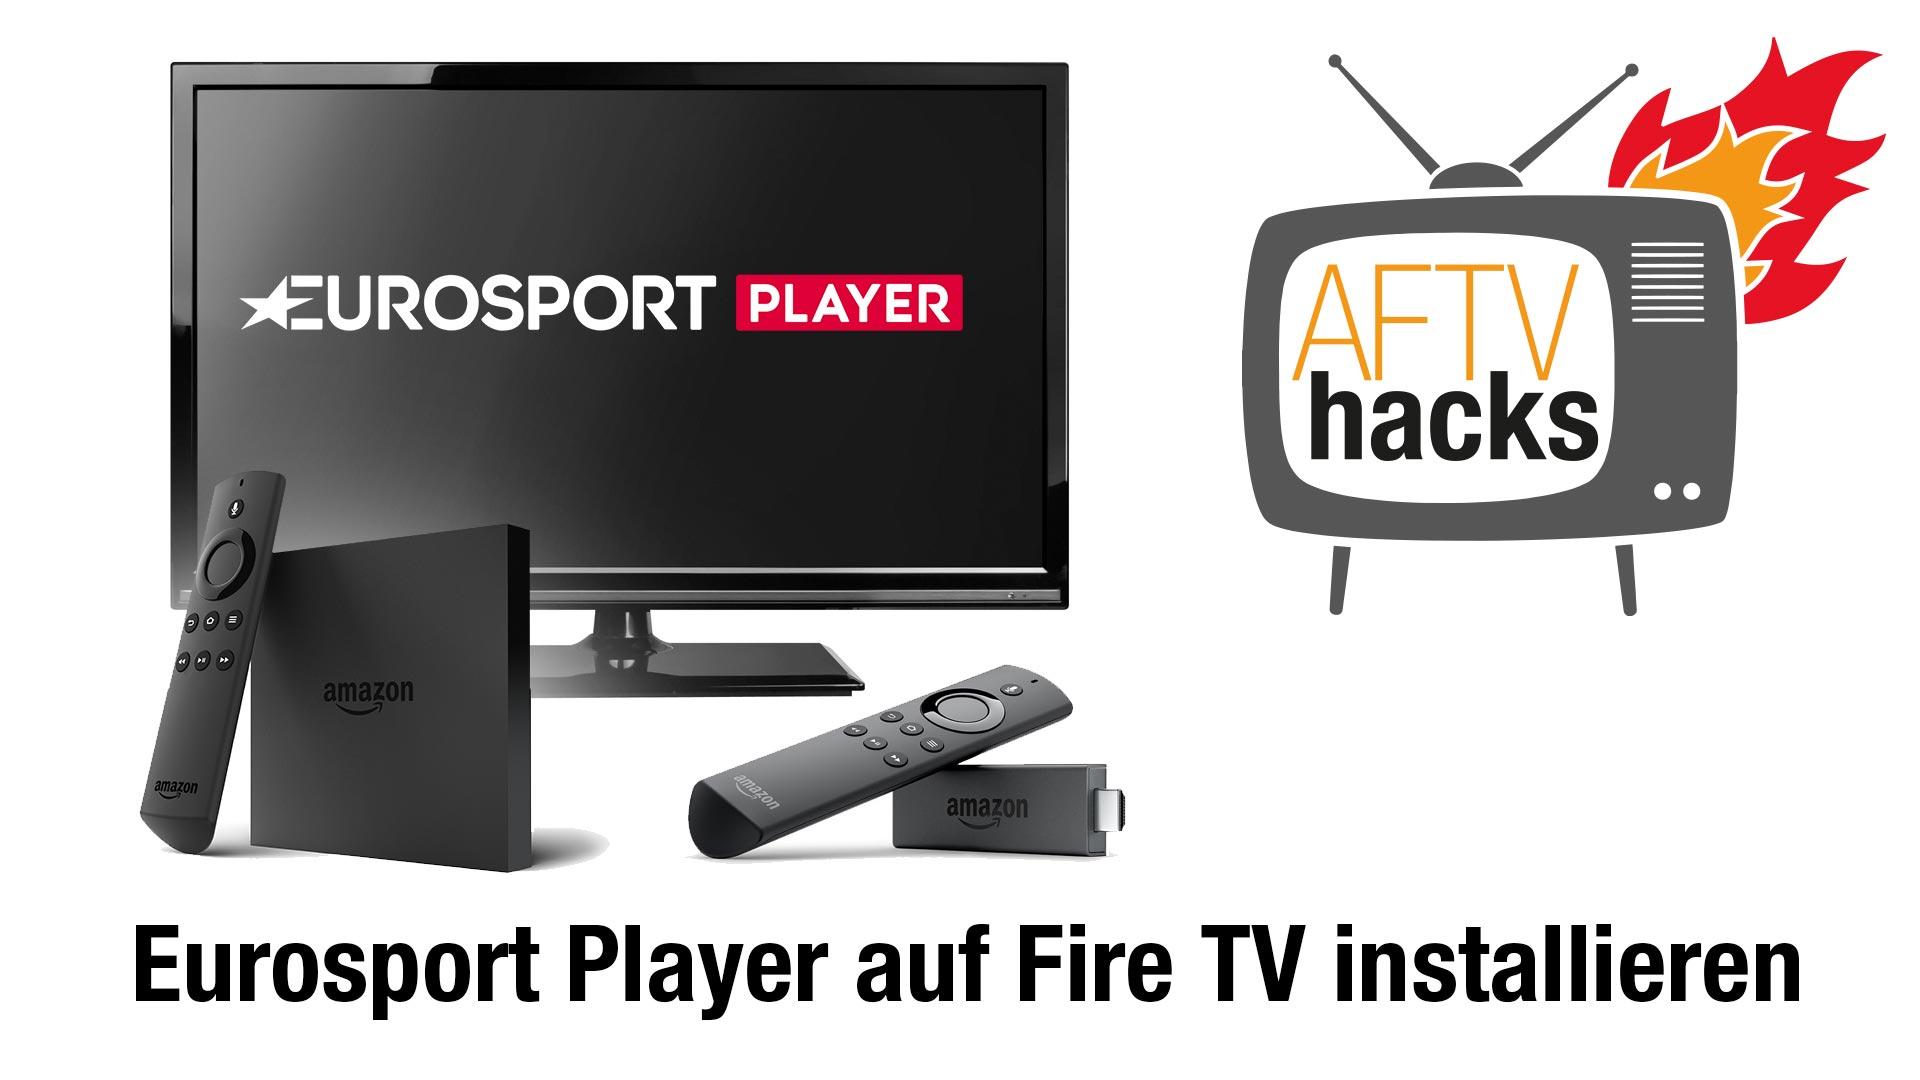 Anleitung: Wie man den Eurosport Player auf dem Fire TV installiert